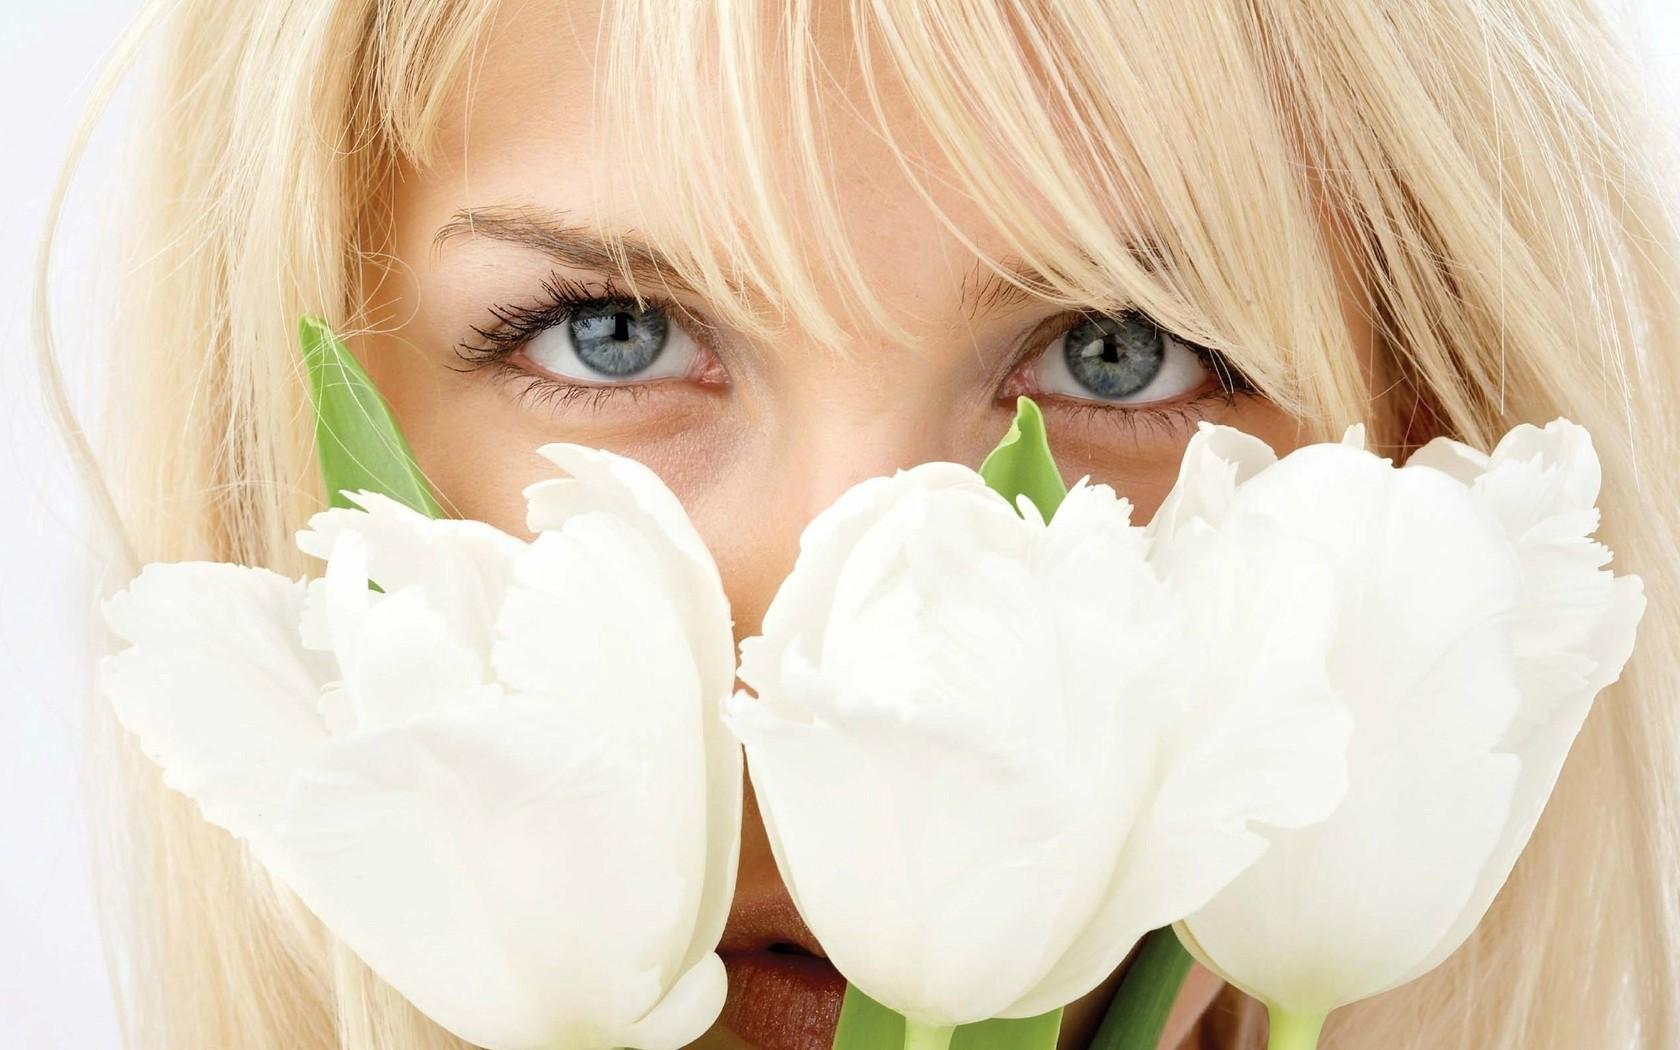 Девушка с цветами весной без лица